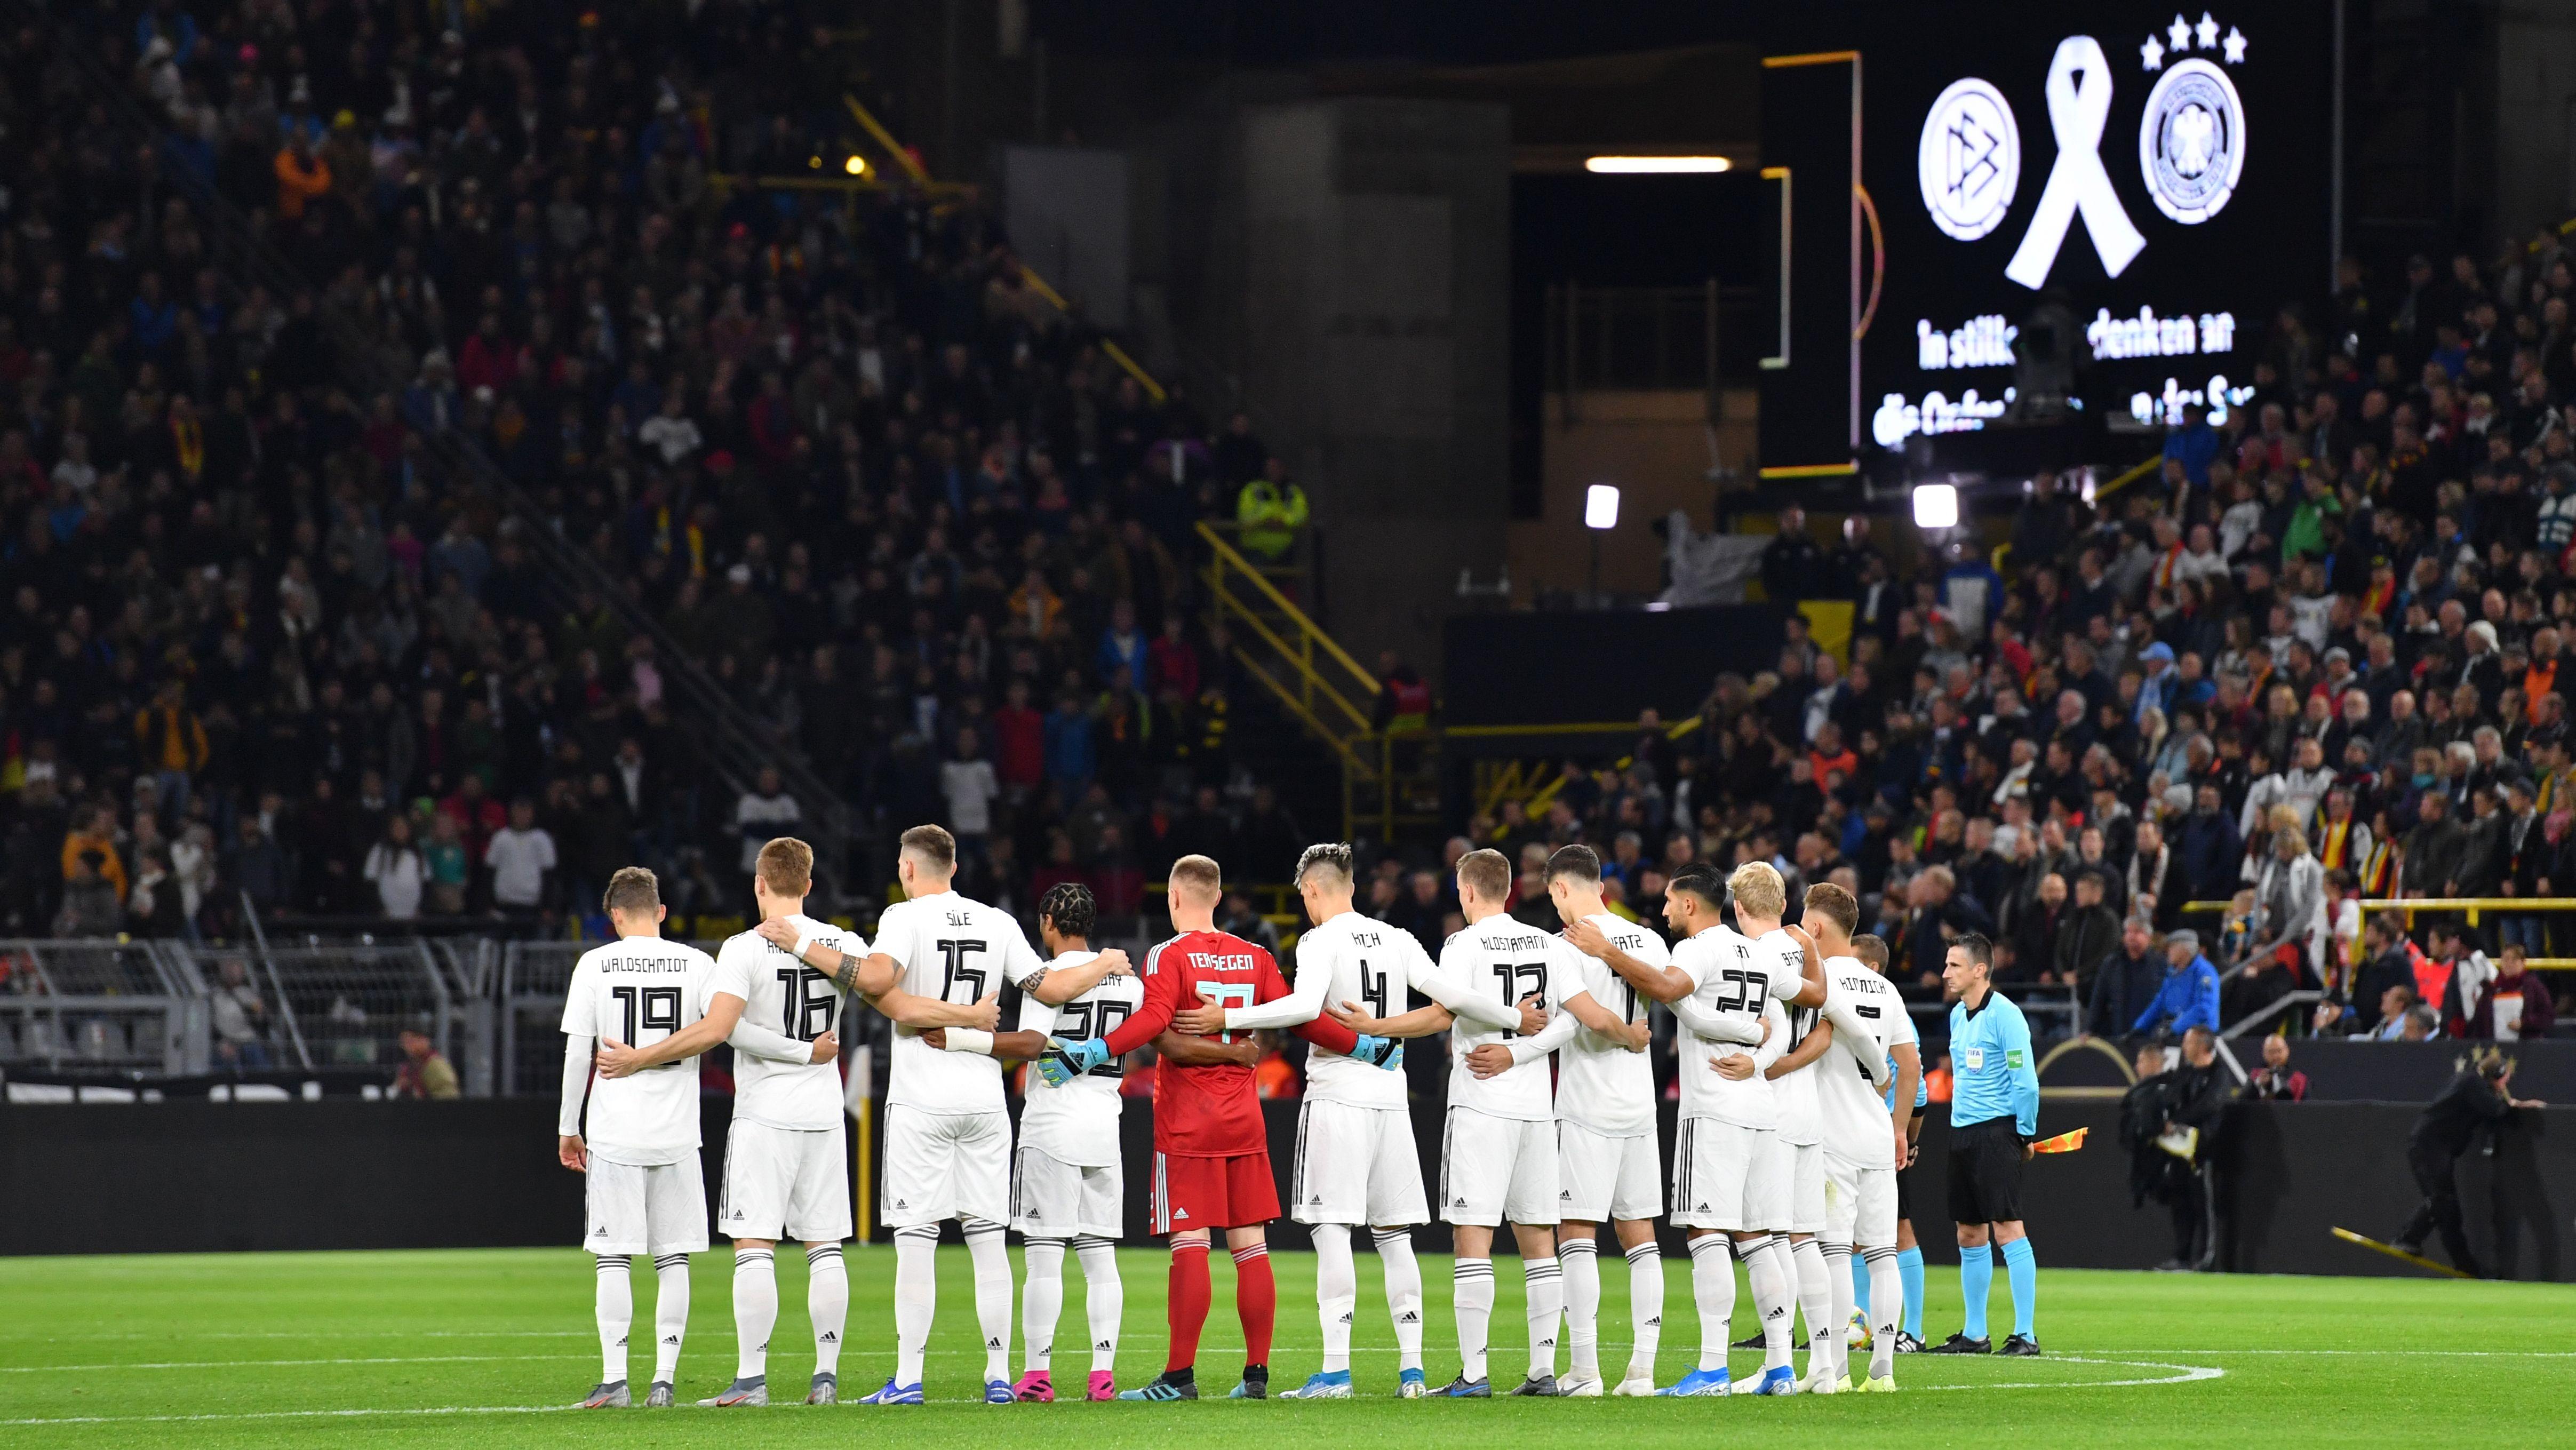 Deutsche Fußball-Nationalmannschaft bei der Schweigeminute für die Opfer von Halle